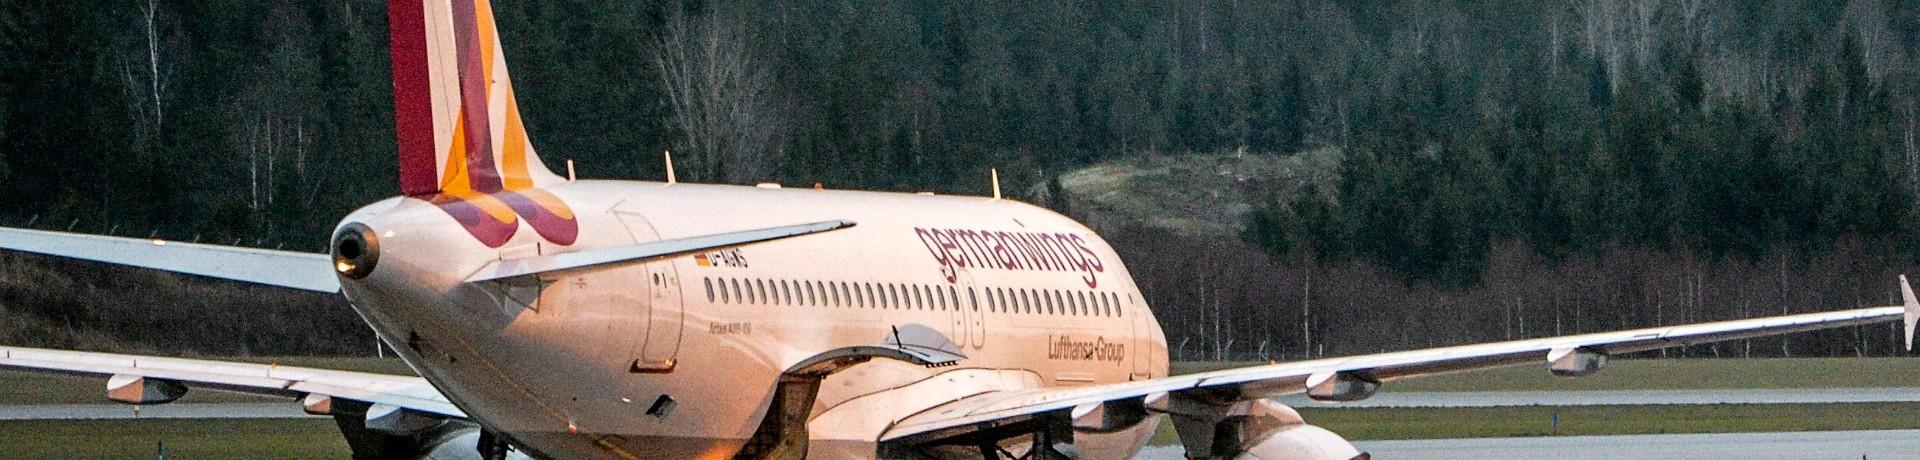 Un avion Germanwings, le 9 décembre 2014, à Stockholm. (Illustration)